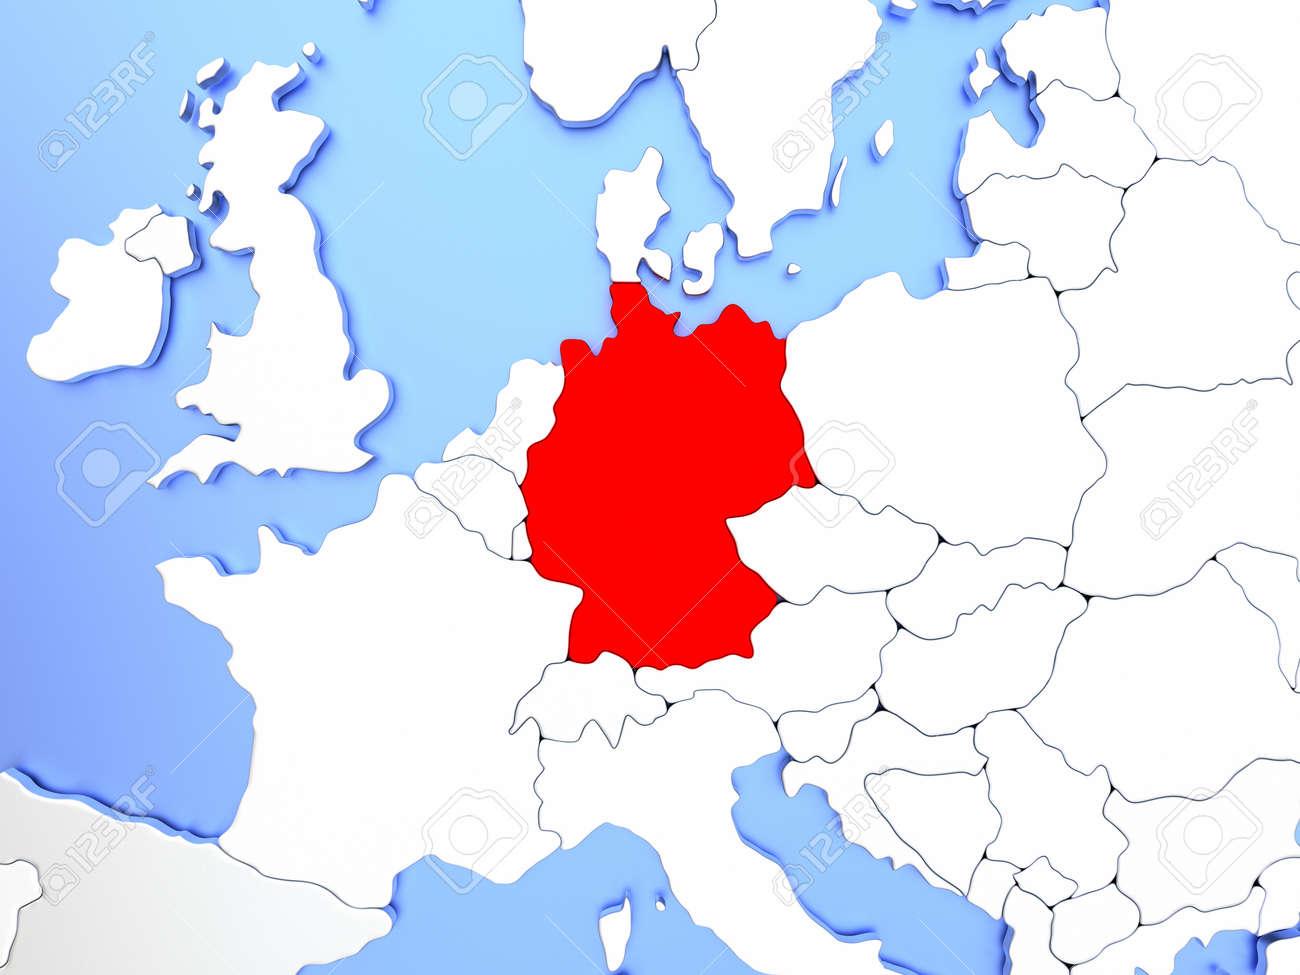 Carte Allemagne Simple.Carte De L Allemagne Surlignee En Rouge Sur Une Simple Carte Metallique Brillante Avec Des Frontieres Claires Illustration 3d